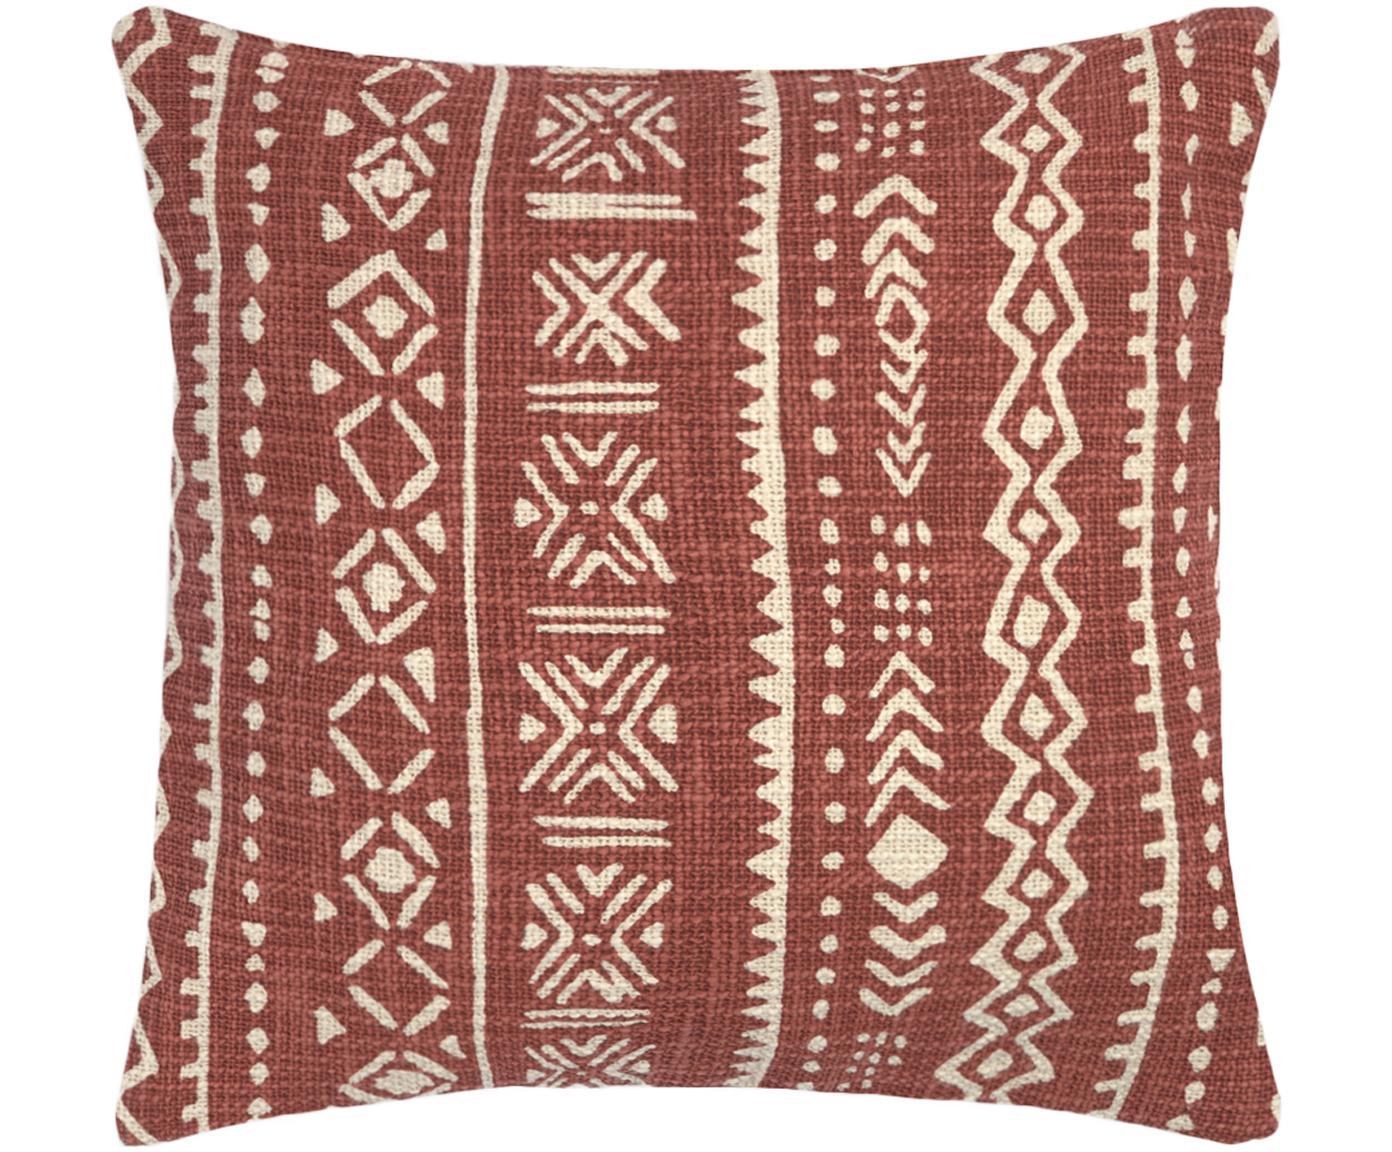 Kissenhülle Masai mit grafischem Muster, 100% Baumwolle, Gebrochenes Weiss, Braun, 45 x 45 cm